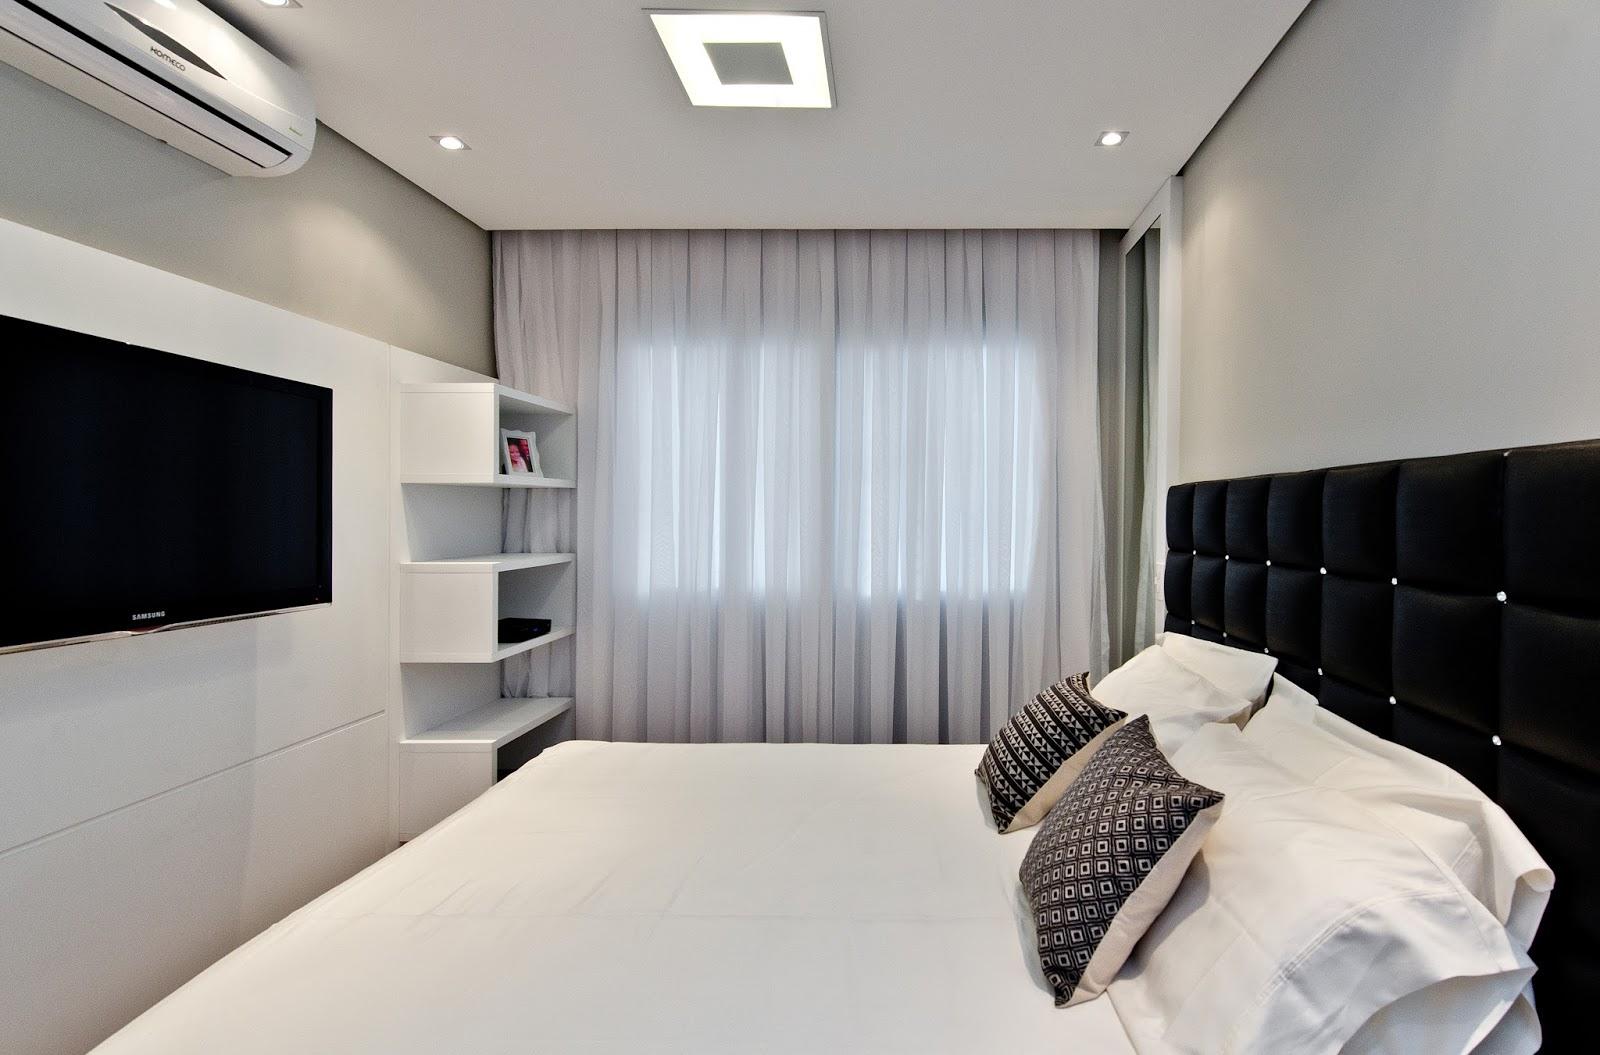 Amplia Espaços e Transforma Apartamento Compacto em Grande Lar #726759 1600 1055